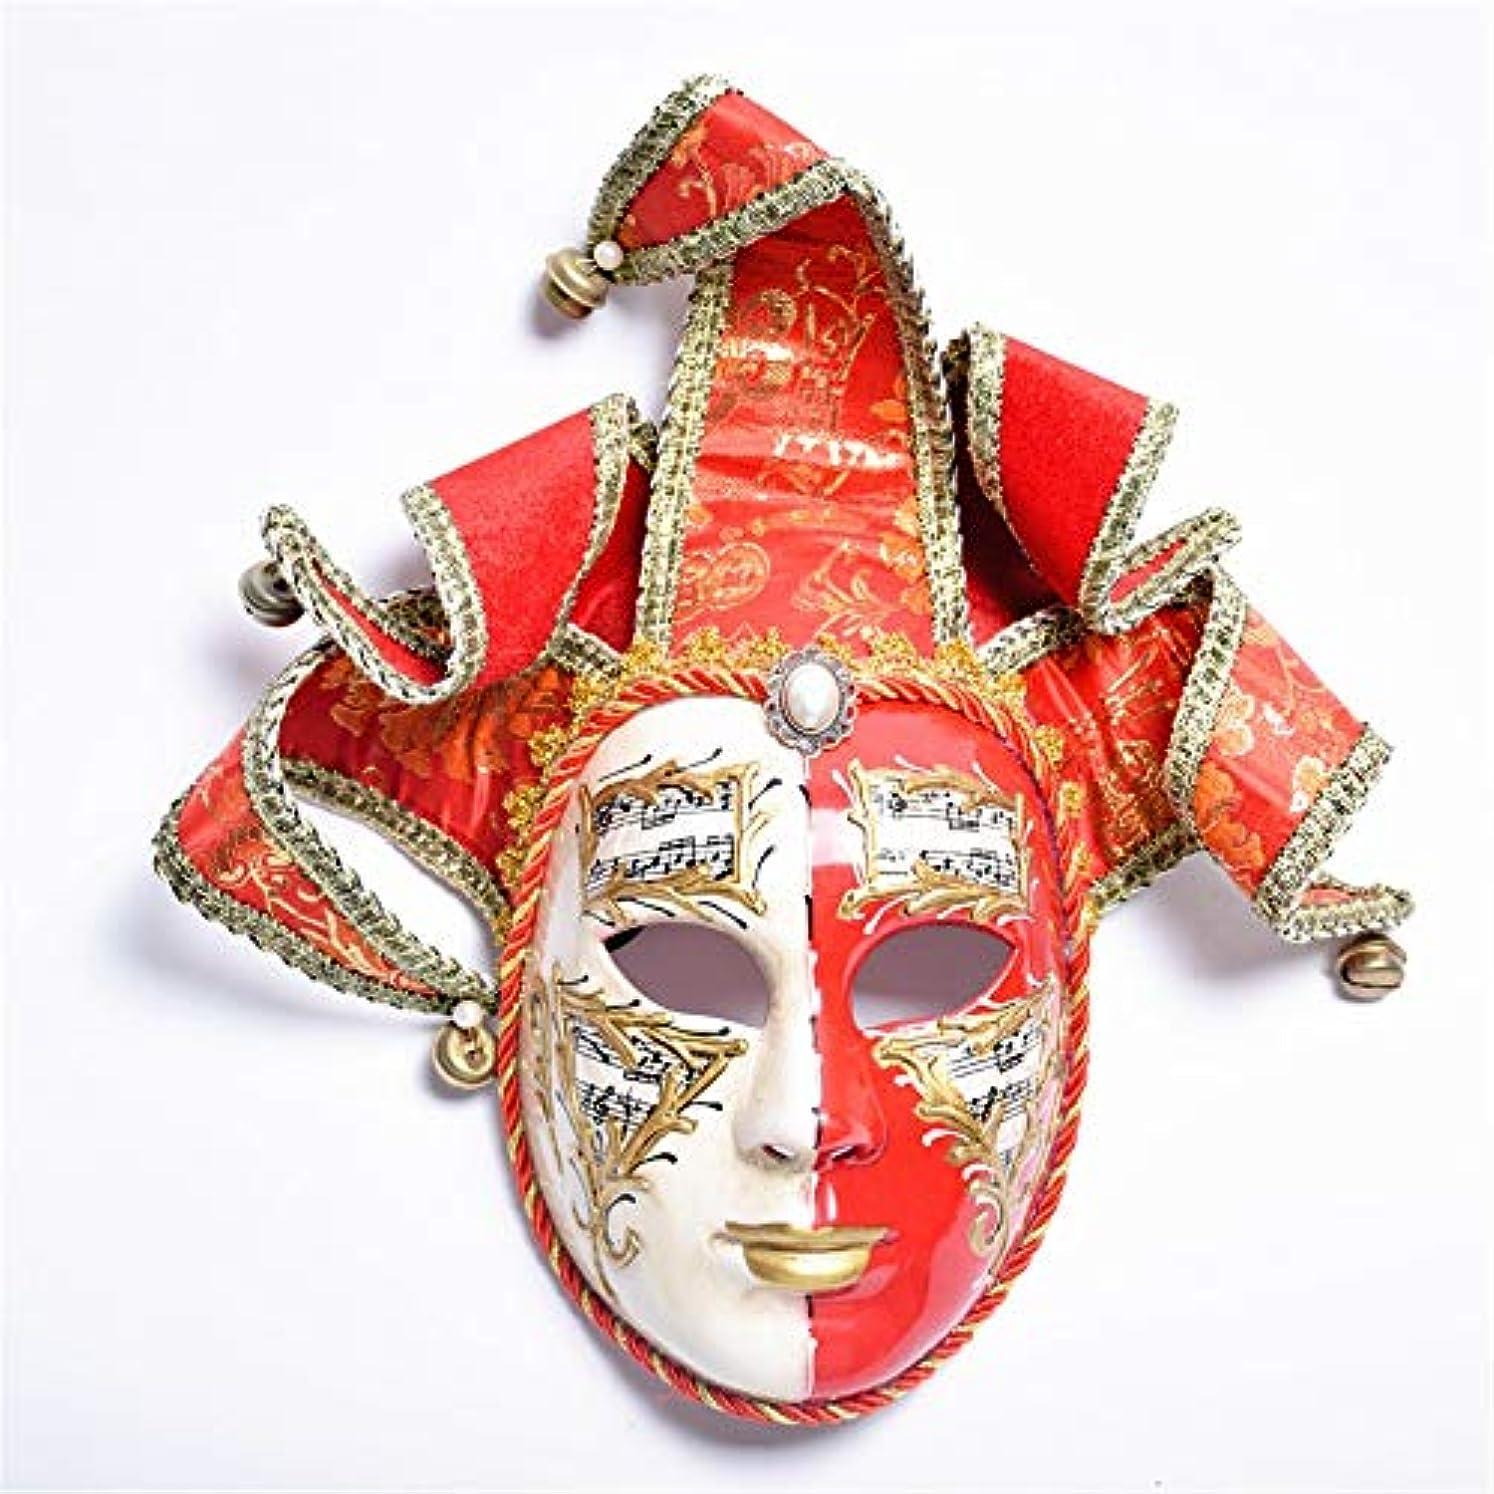 ハンディキャップ影響を受けやすいです説得力のあるダンスマスク レッドゴールドマスク女性仮装パーティーナイトクラブロールプレイング装飾プラスチックマスク ホリデーパーティー用品 (色 : Red+Gold, サイズ : 33x31cm)